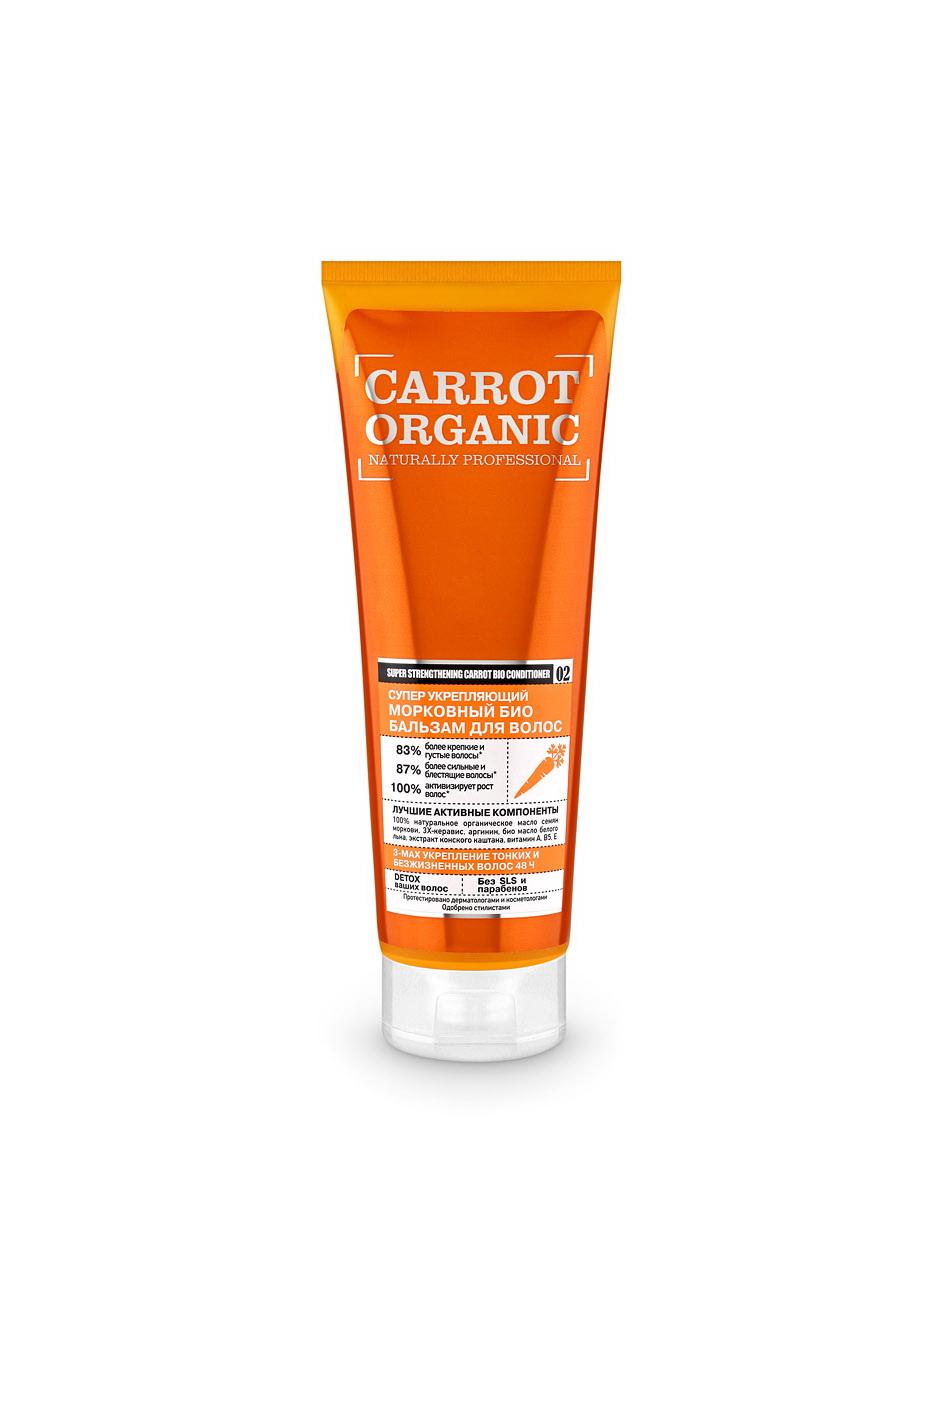 Оrganic Shop Naturally Professional Био-бальзам для волос Супер укрепляющий, морковный, 250 мл72523WDОрганическое масло семян моркови и аргинин питают кожу головы и укрепляют волосяные луковицы, препятствуя выпадению волос. Экстракт конского каштана активизирует рост волос, делая их густыми и крепкими. Био масло белого льна питает и увлажняет волосы, придает им силу и блеск. 3Х-керавис укрепляет и восстанавливает внутреннюю структуру волос, делает их эластичными и упругими.Товар сертифицирован.